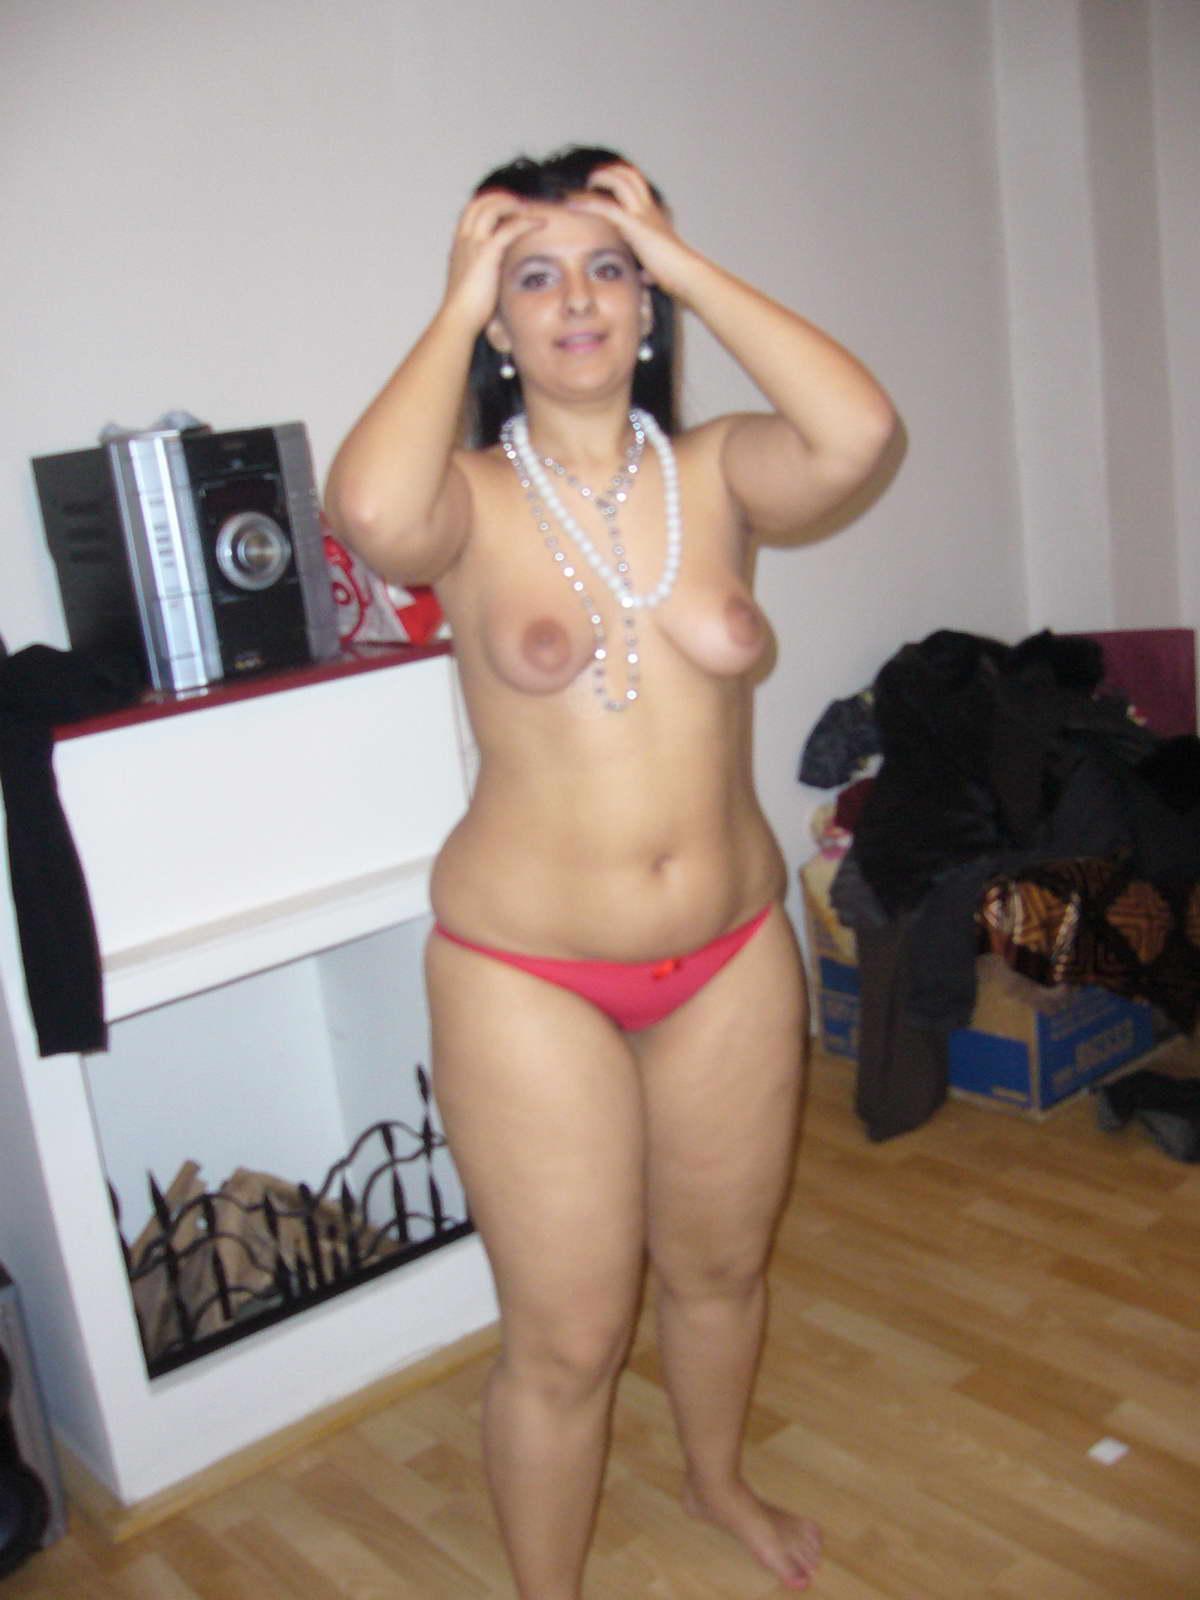 Abuela gorda y caliente - 1 part 6